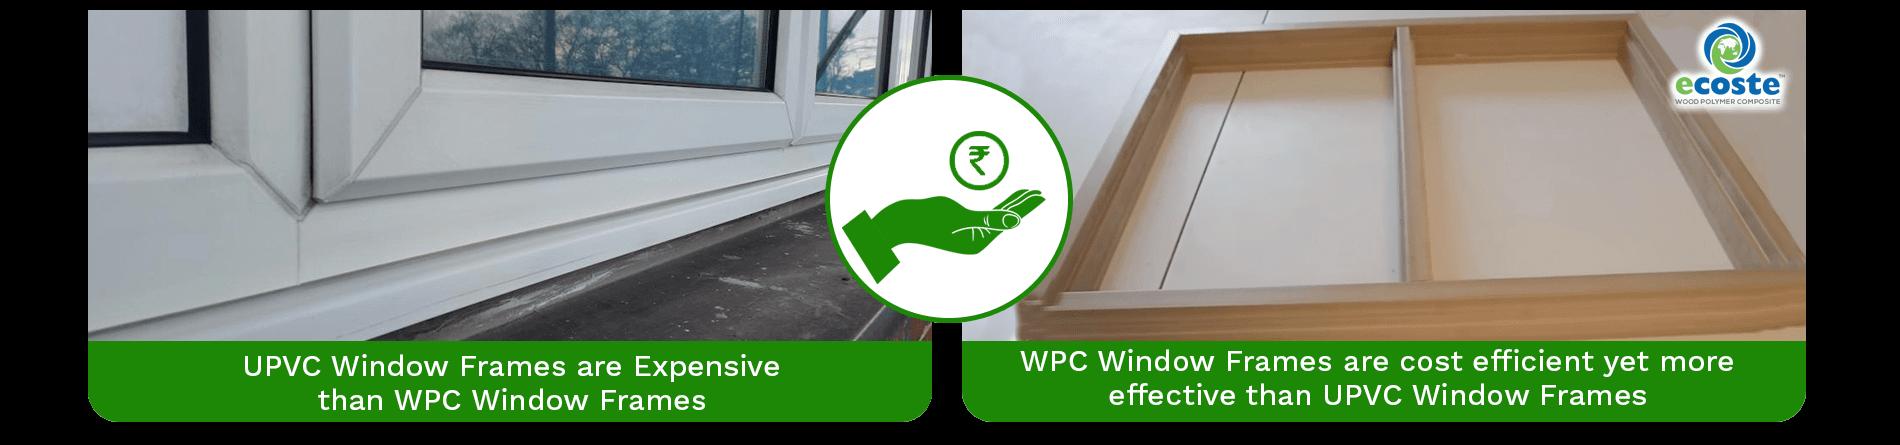 UPVC Window Frame & WPC Solid Window Frame